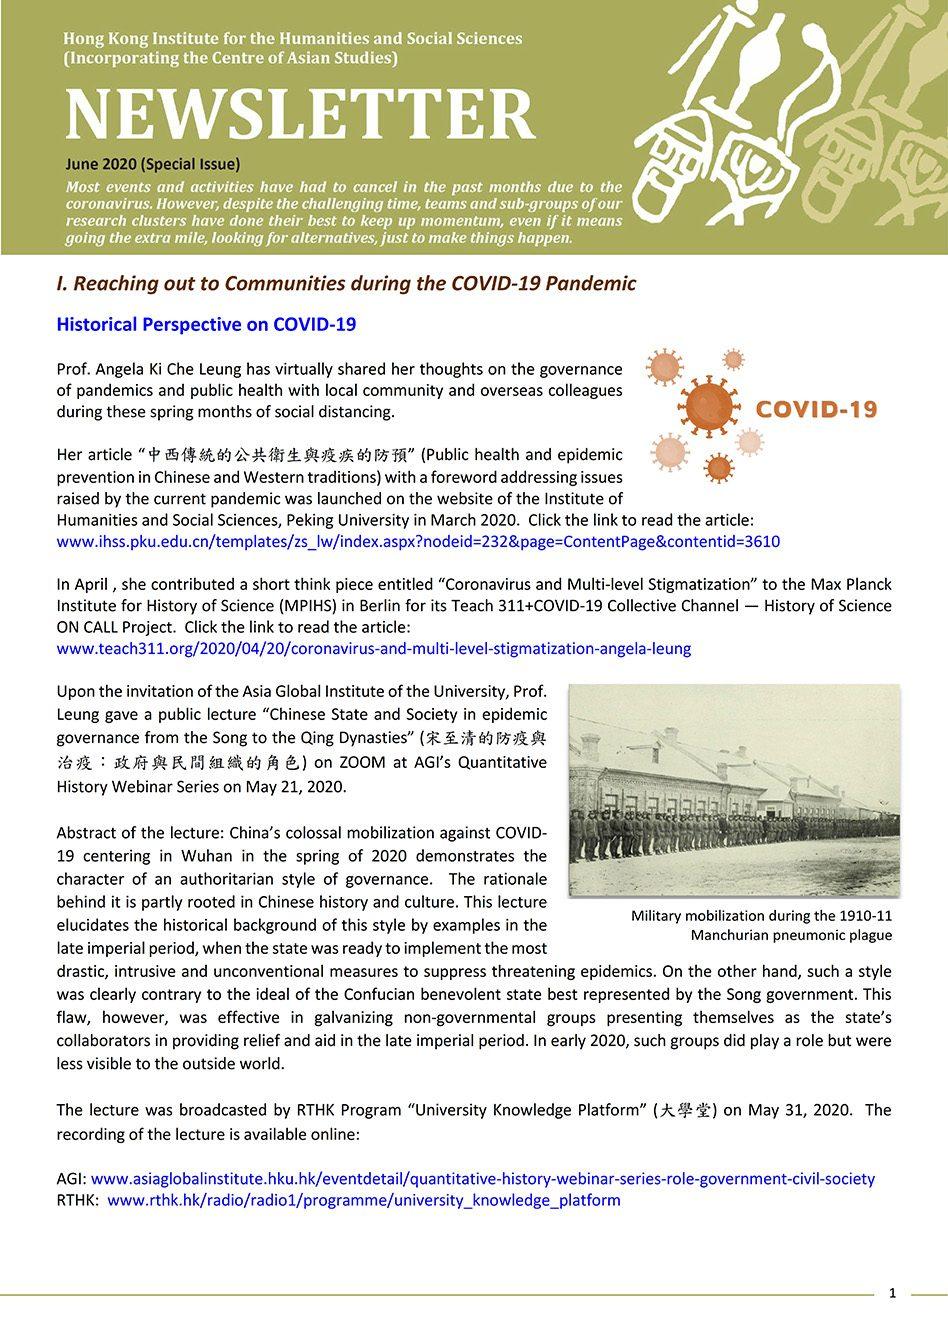 Newsletter 2020 June Issue Cover